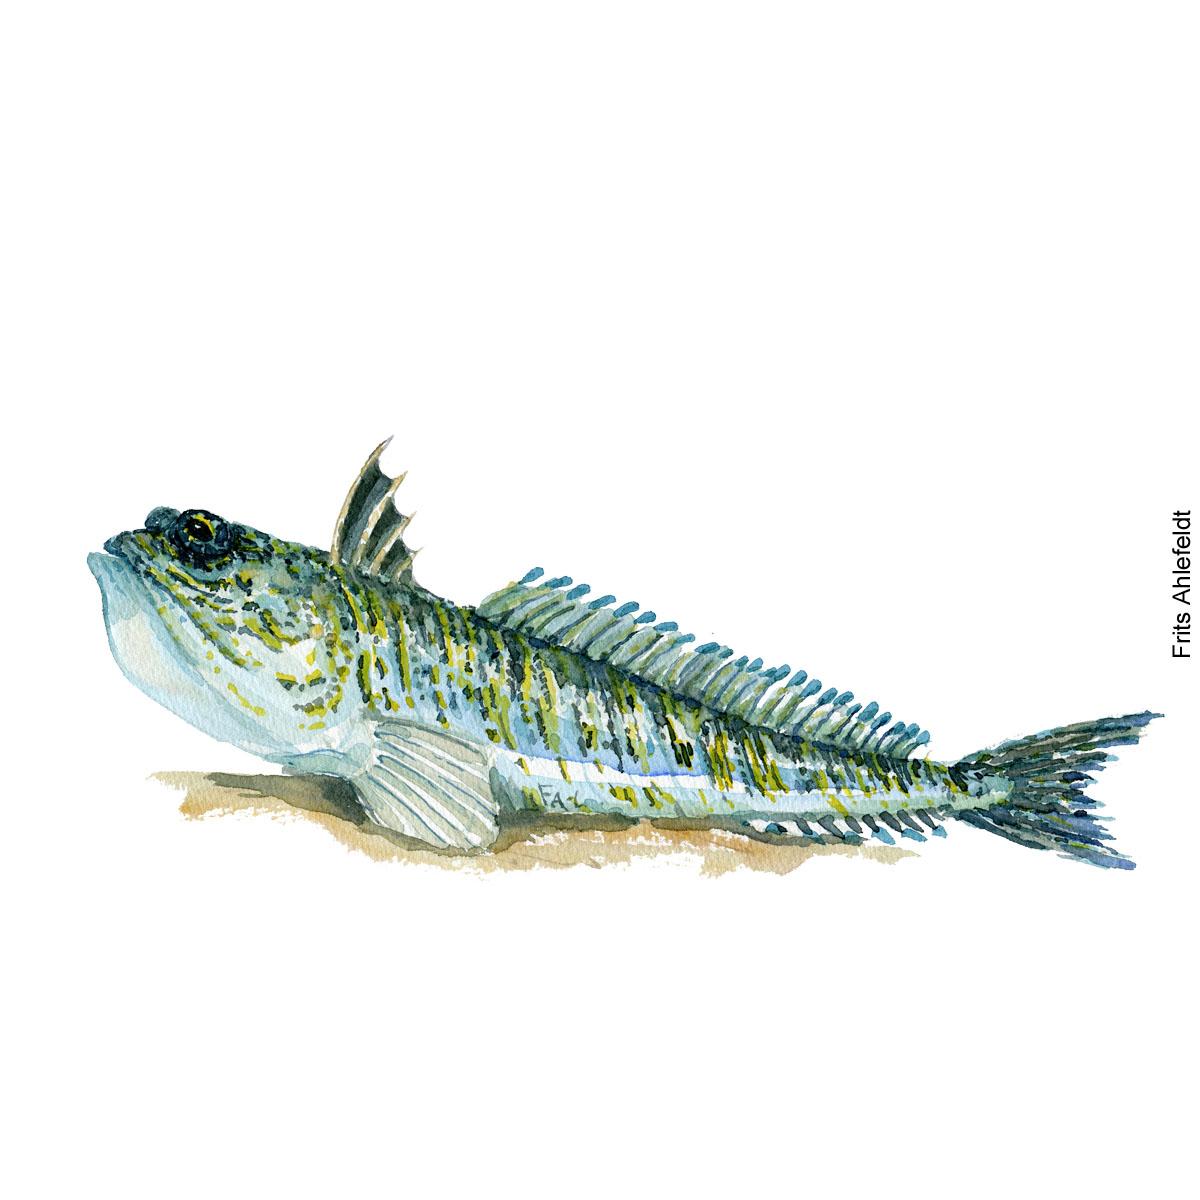 Fjaessing fisk - Akvarel illustration af Frits Ahlefeldt